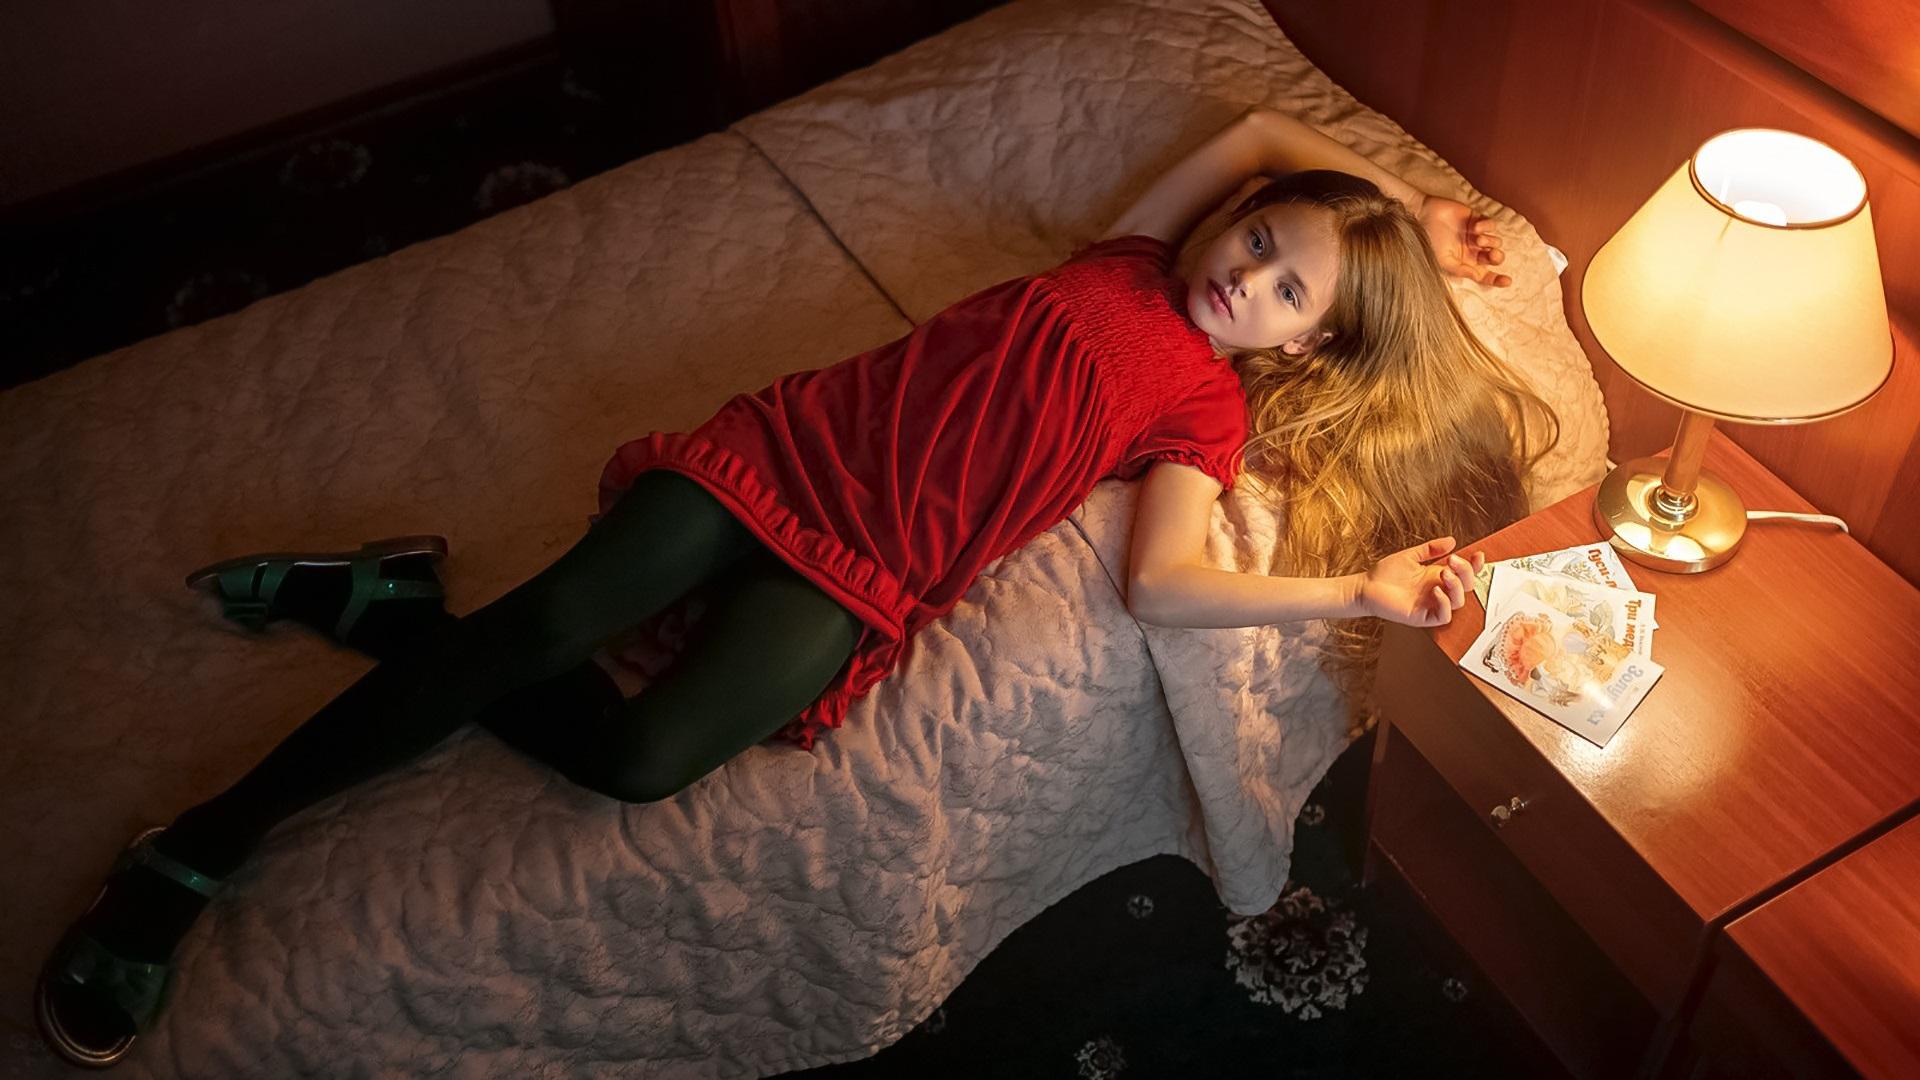 Little girls bedroom horror — photo 15